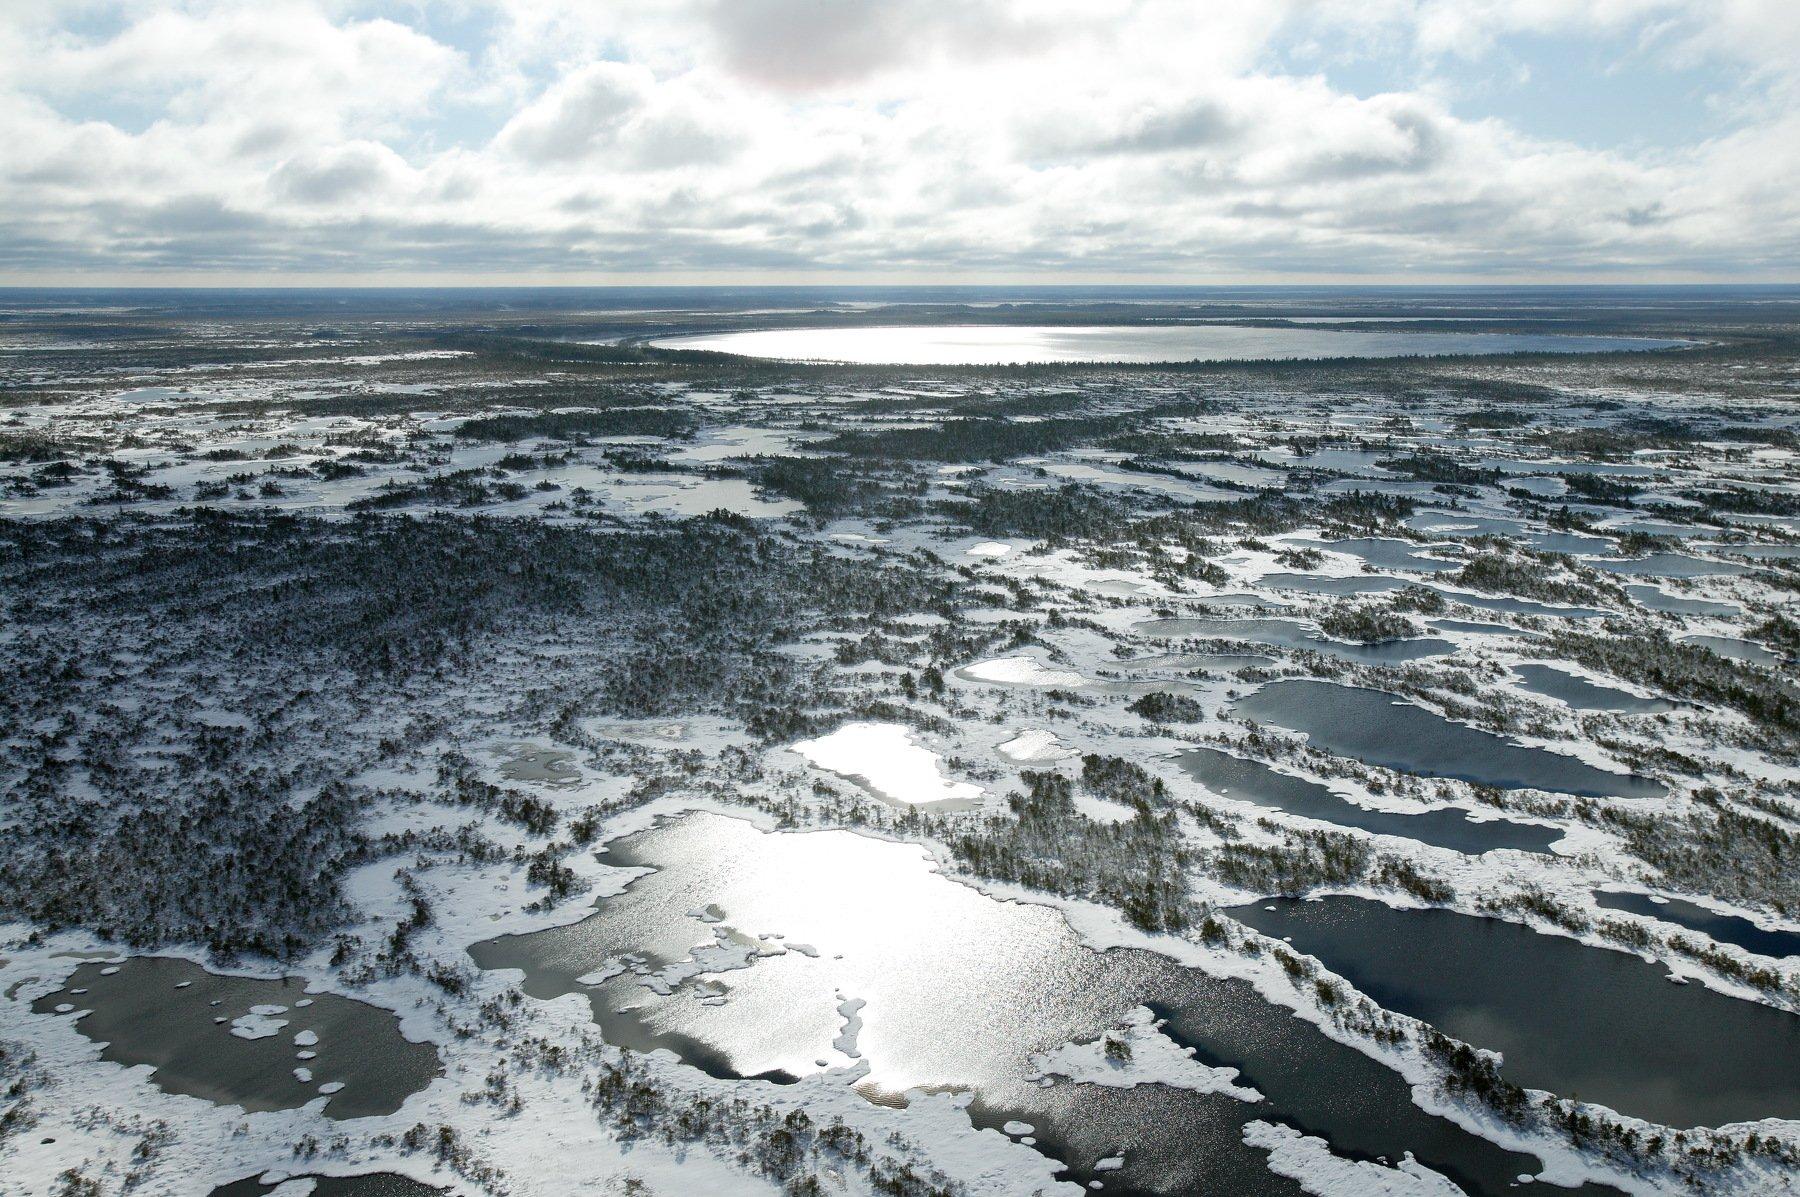 Западная Сибирь Томская область васюганское болото, Дронов Михаил